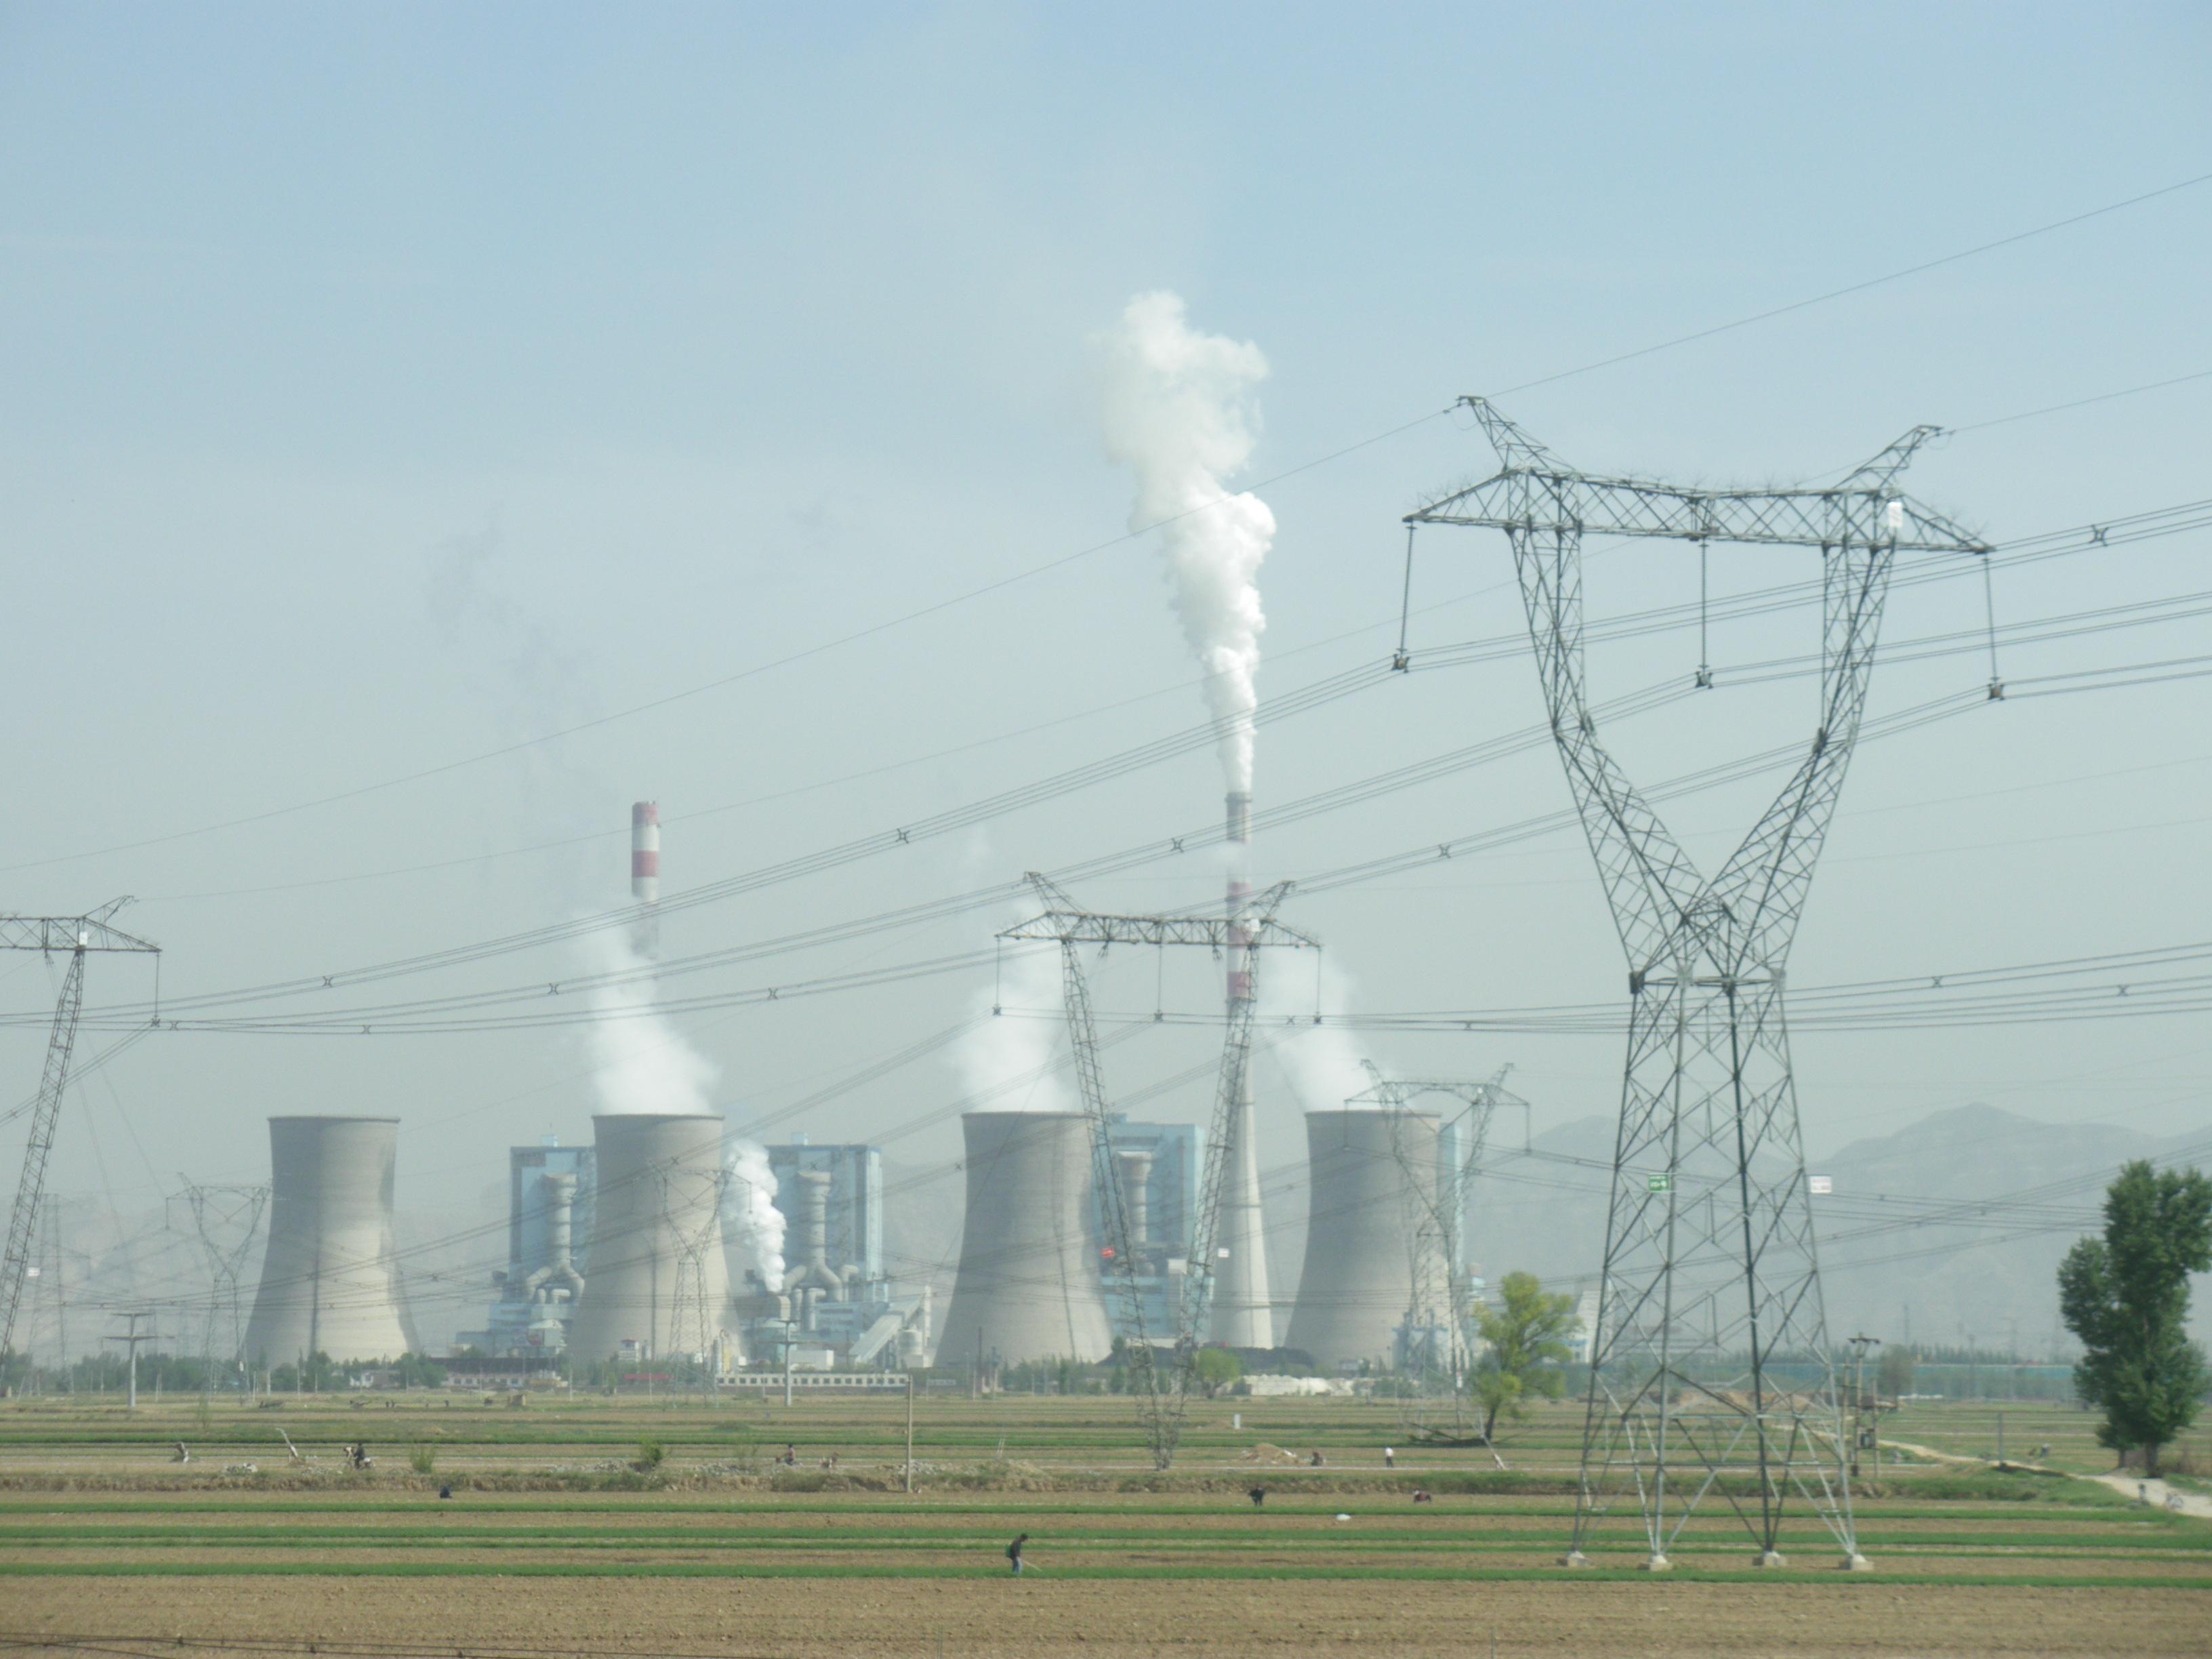 Kullkraftverk fra Shuozhou i Kina. Det kinesiske strømnettverket er veldig avhengig av kullkraft. Er det da forsvarlig å bruke denne energien til å produsere mobiltelefoner? Ville du betalt ekstra for en mobiltelefon produsert med fornybar strøm?